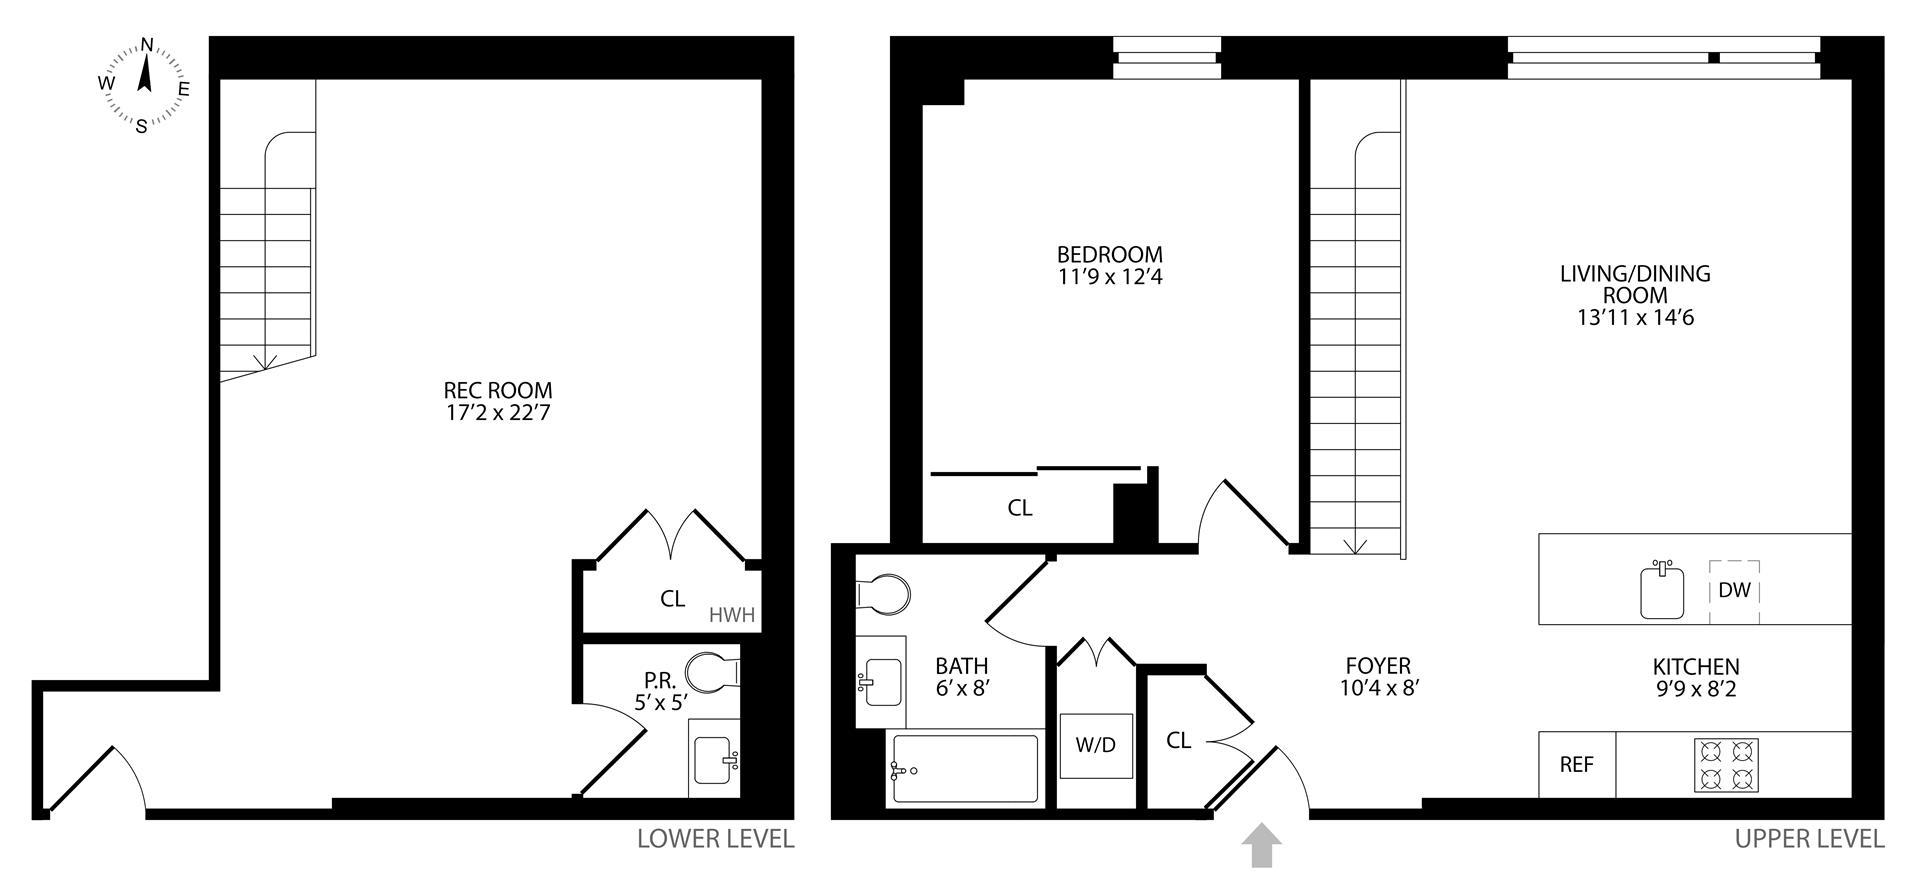 Floor plan of 204 Monroe St, 1B - Bedford - Stuyvesant, New York